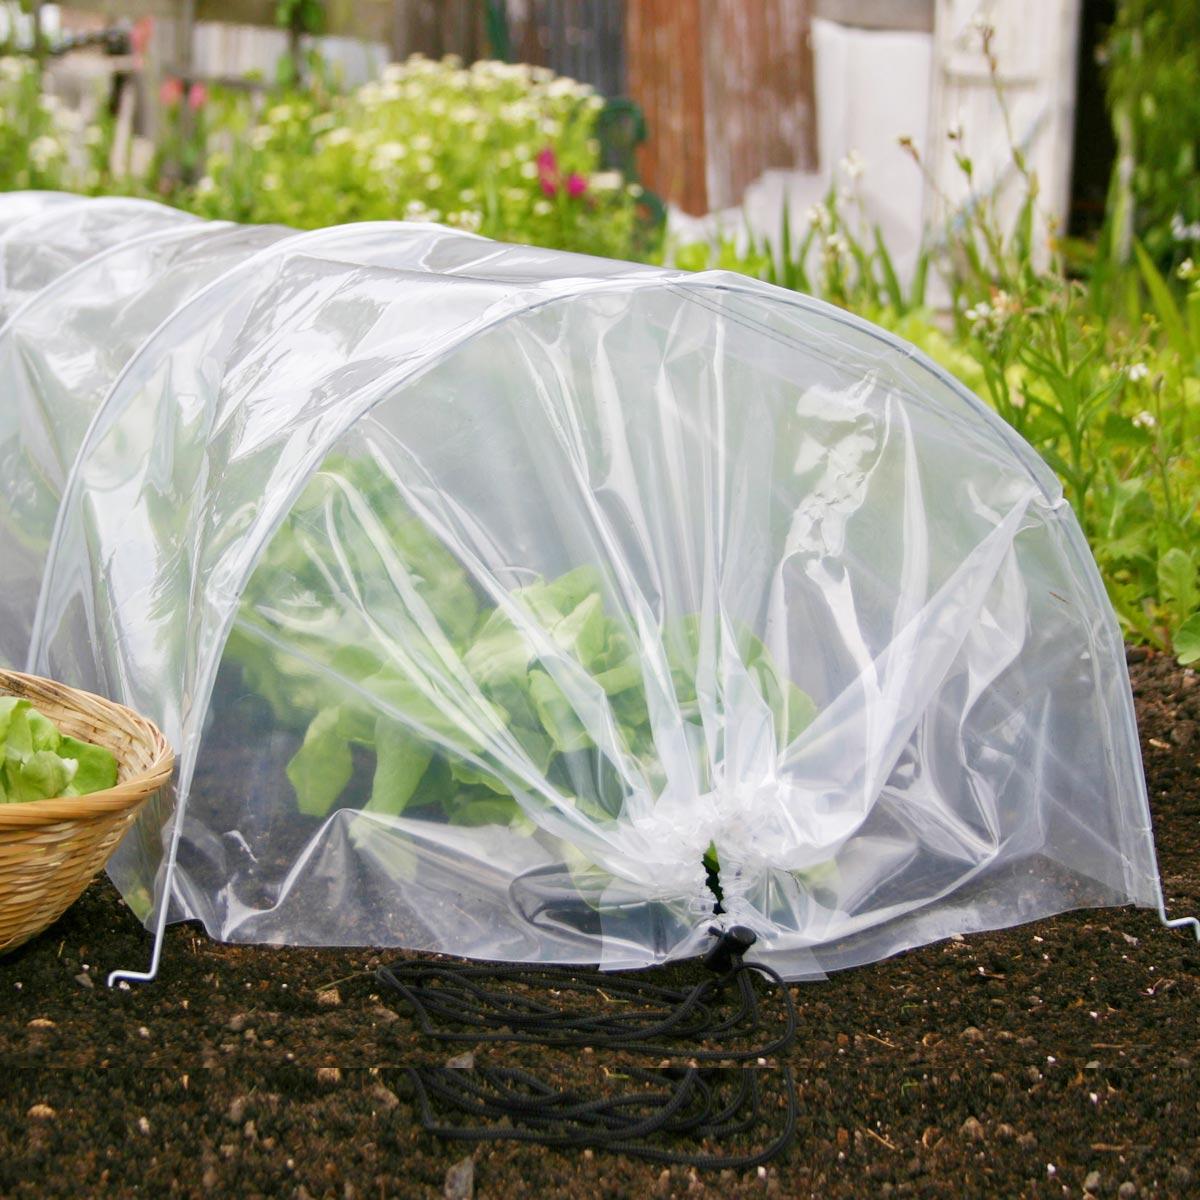 Acheter Le Bon Matériel Pour Le Potager Et Semis | Jardins ... concernant Tunnel Pour Jardin